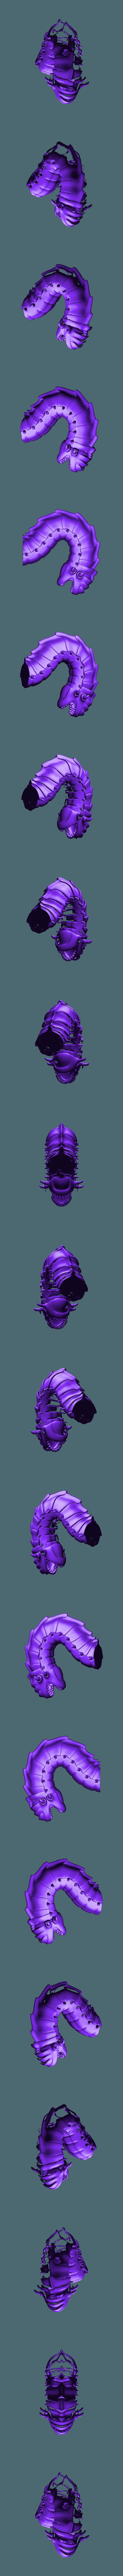 PurpleWorm_Body.stl Download free STL file Purple Worm • 3D print design, daandruff